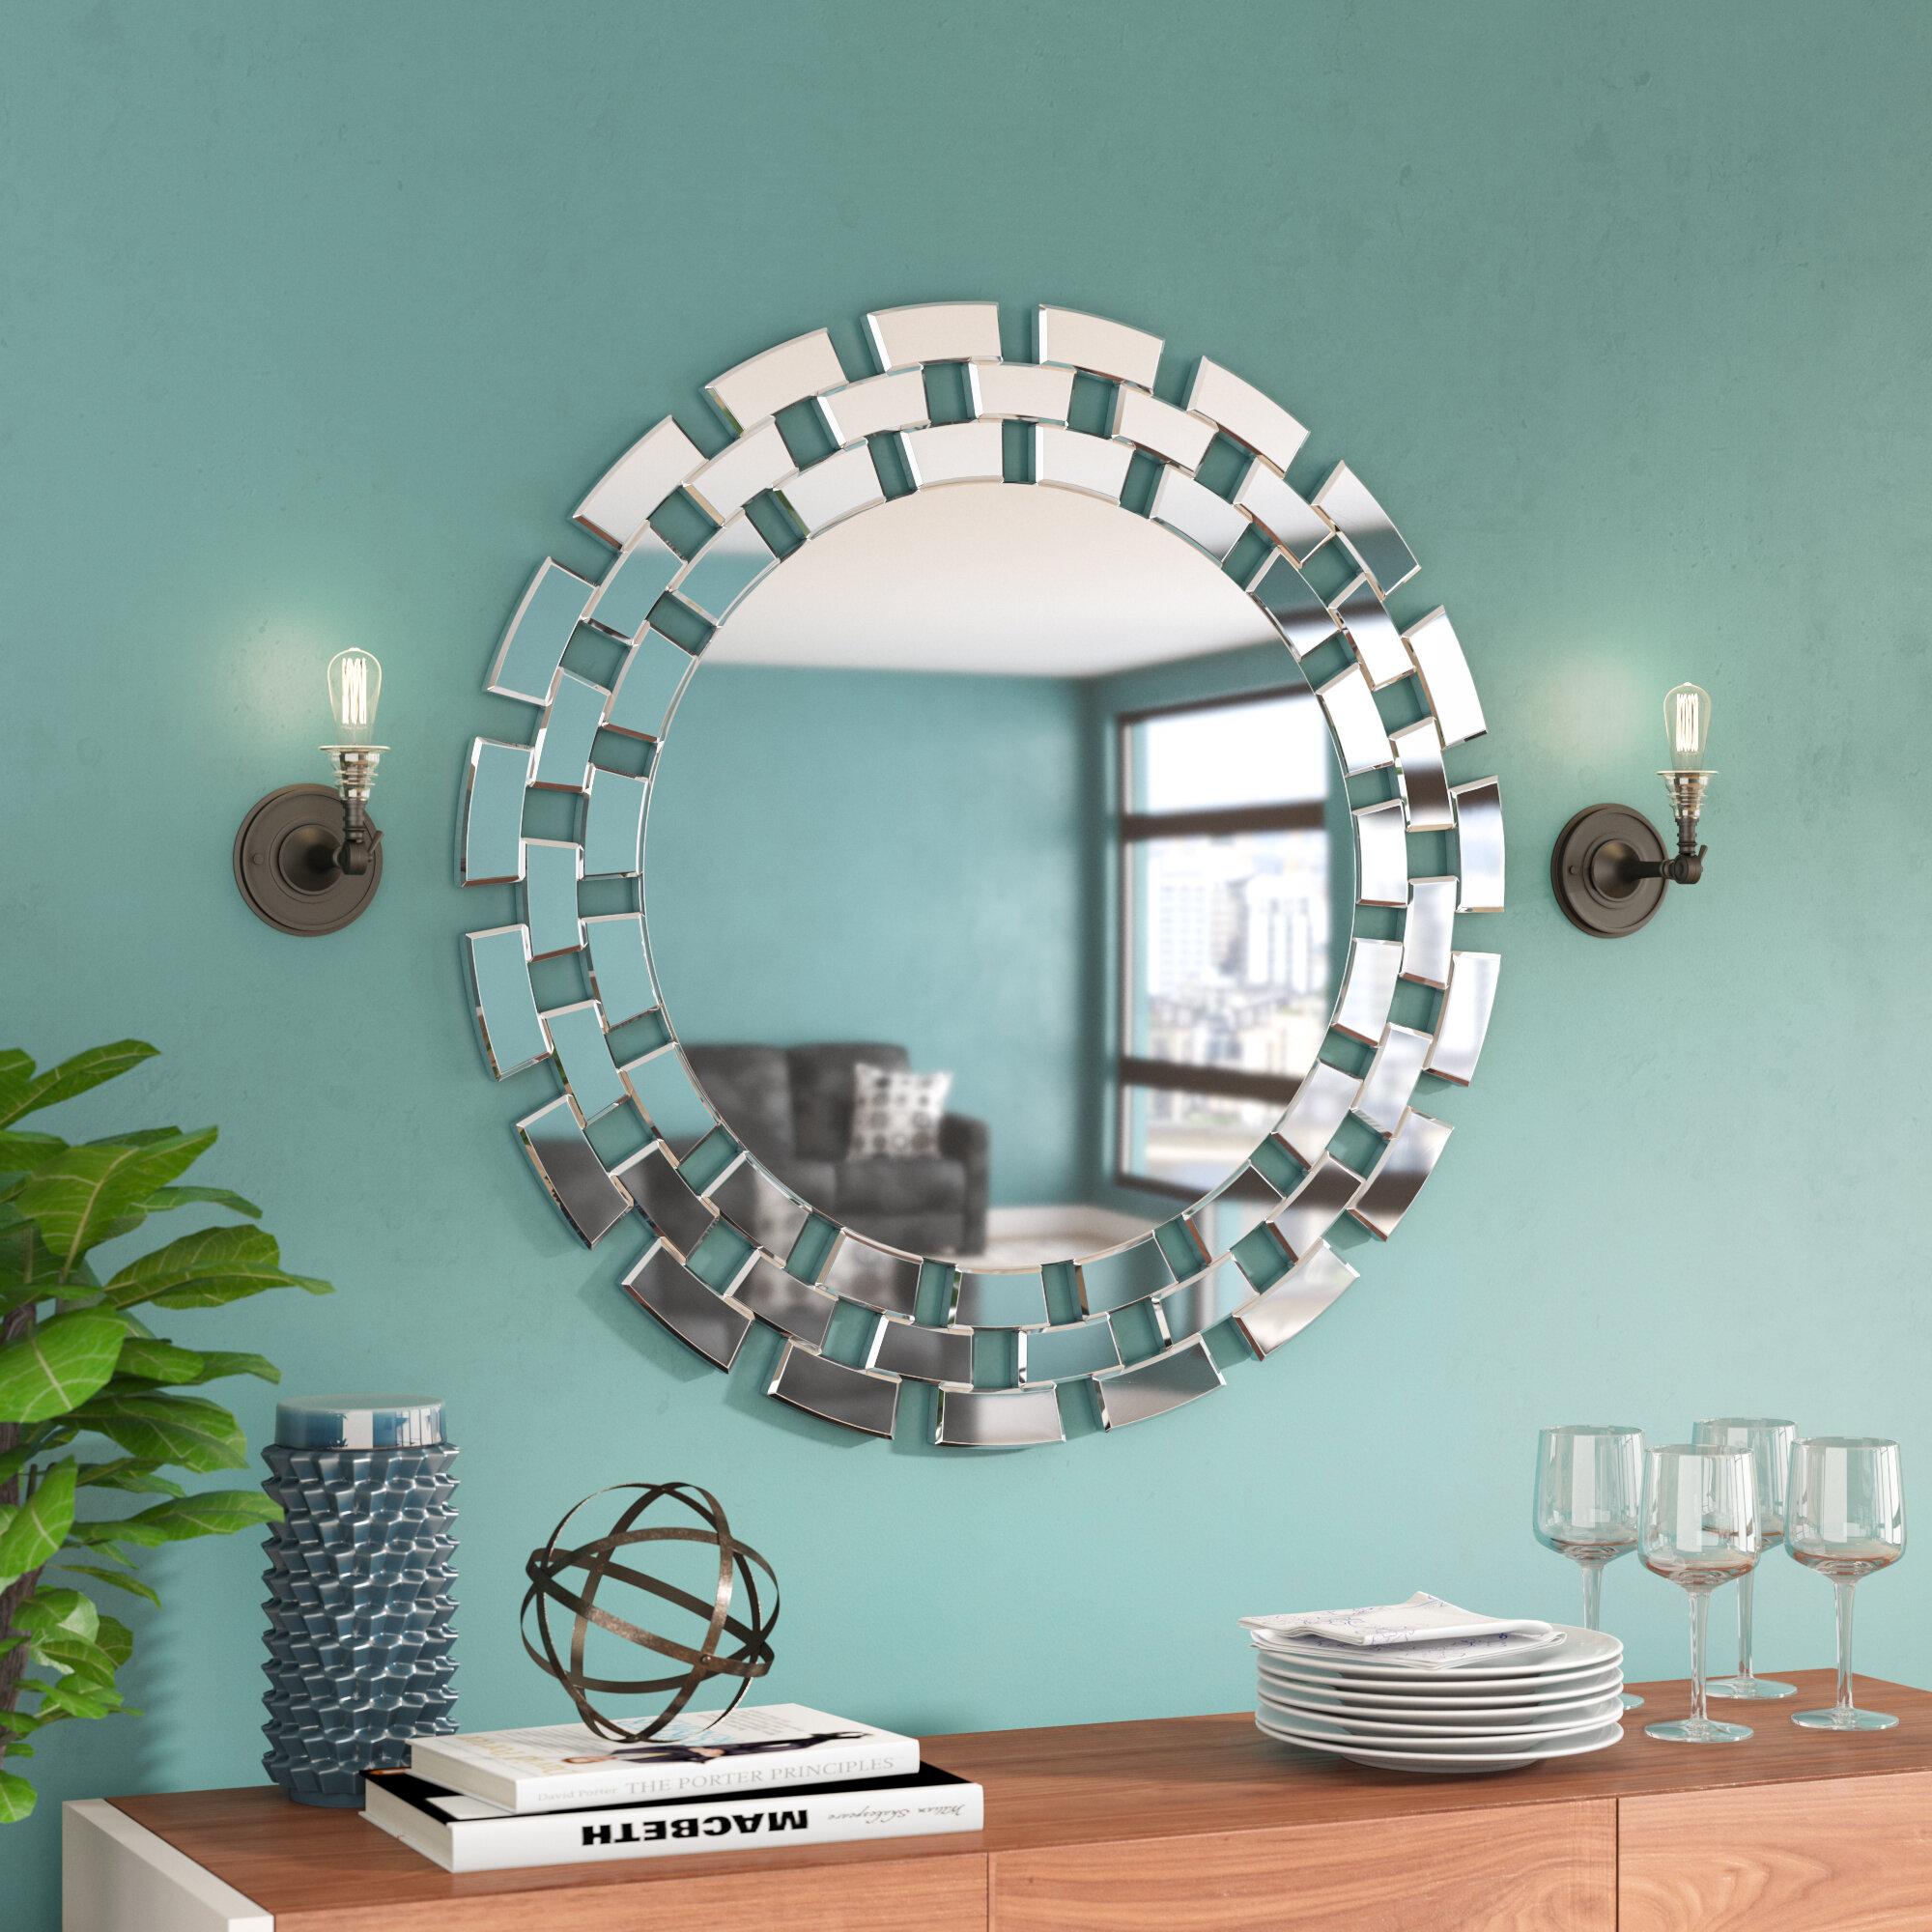 Brayden Studio Round Glass Wall Mirror